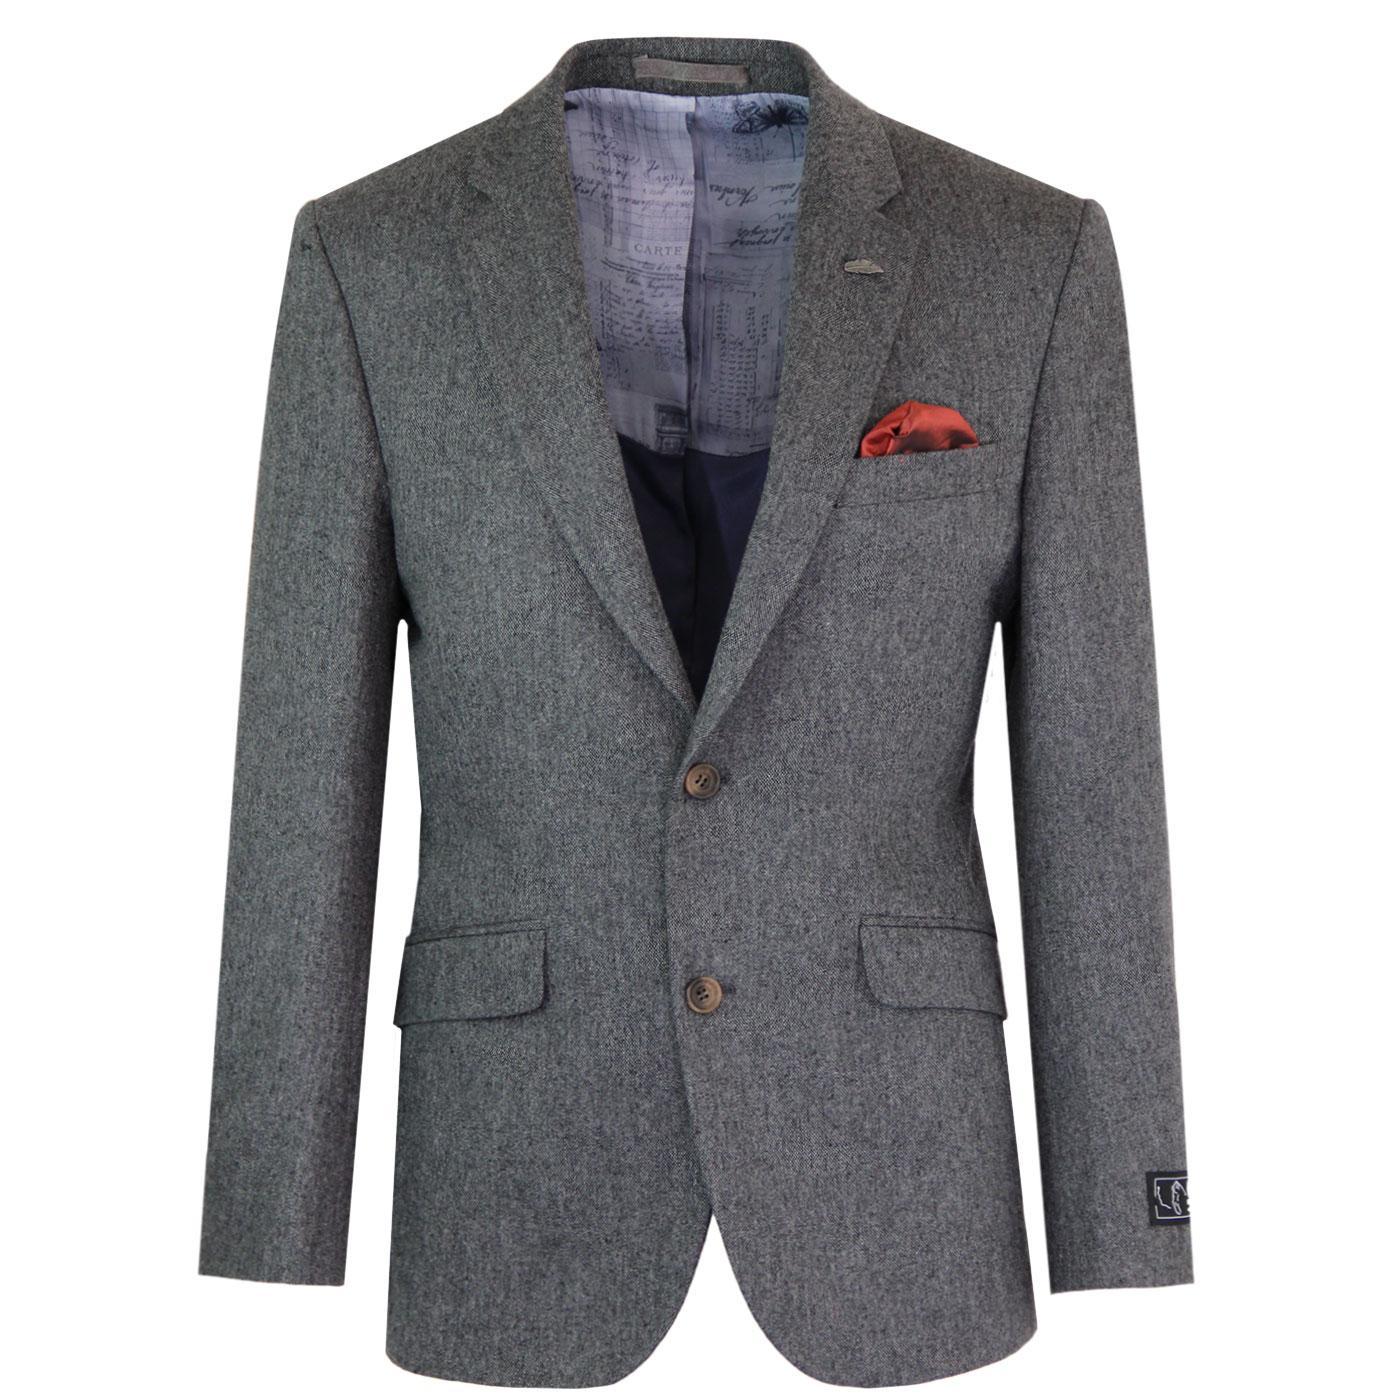 Men's Mod Donegal 2 Button Suit Jacket (Charcoal)